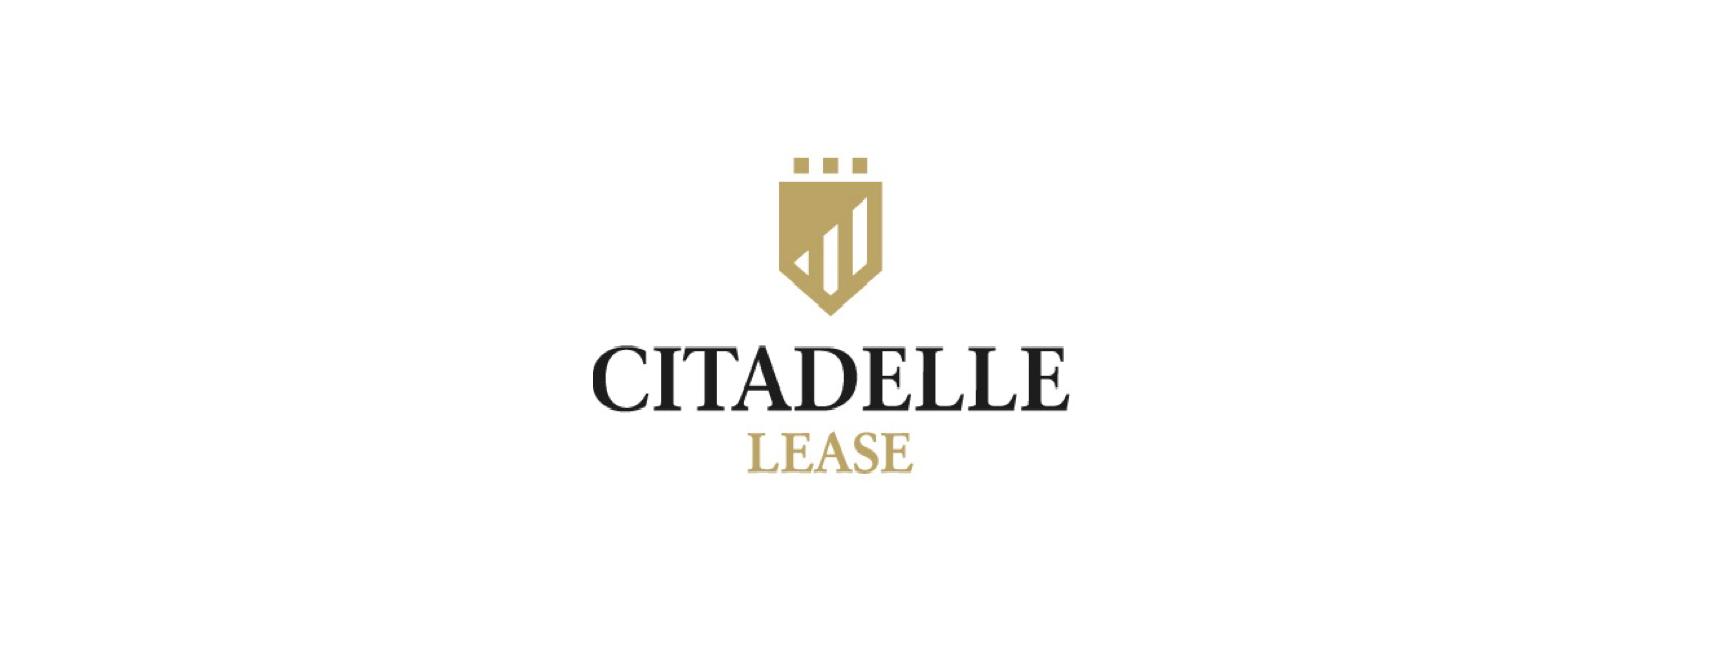 Citadelle Lease voiture (crédit, leasing, location longue durée)